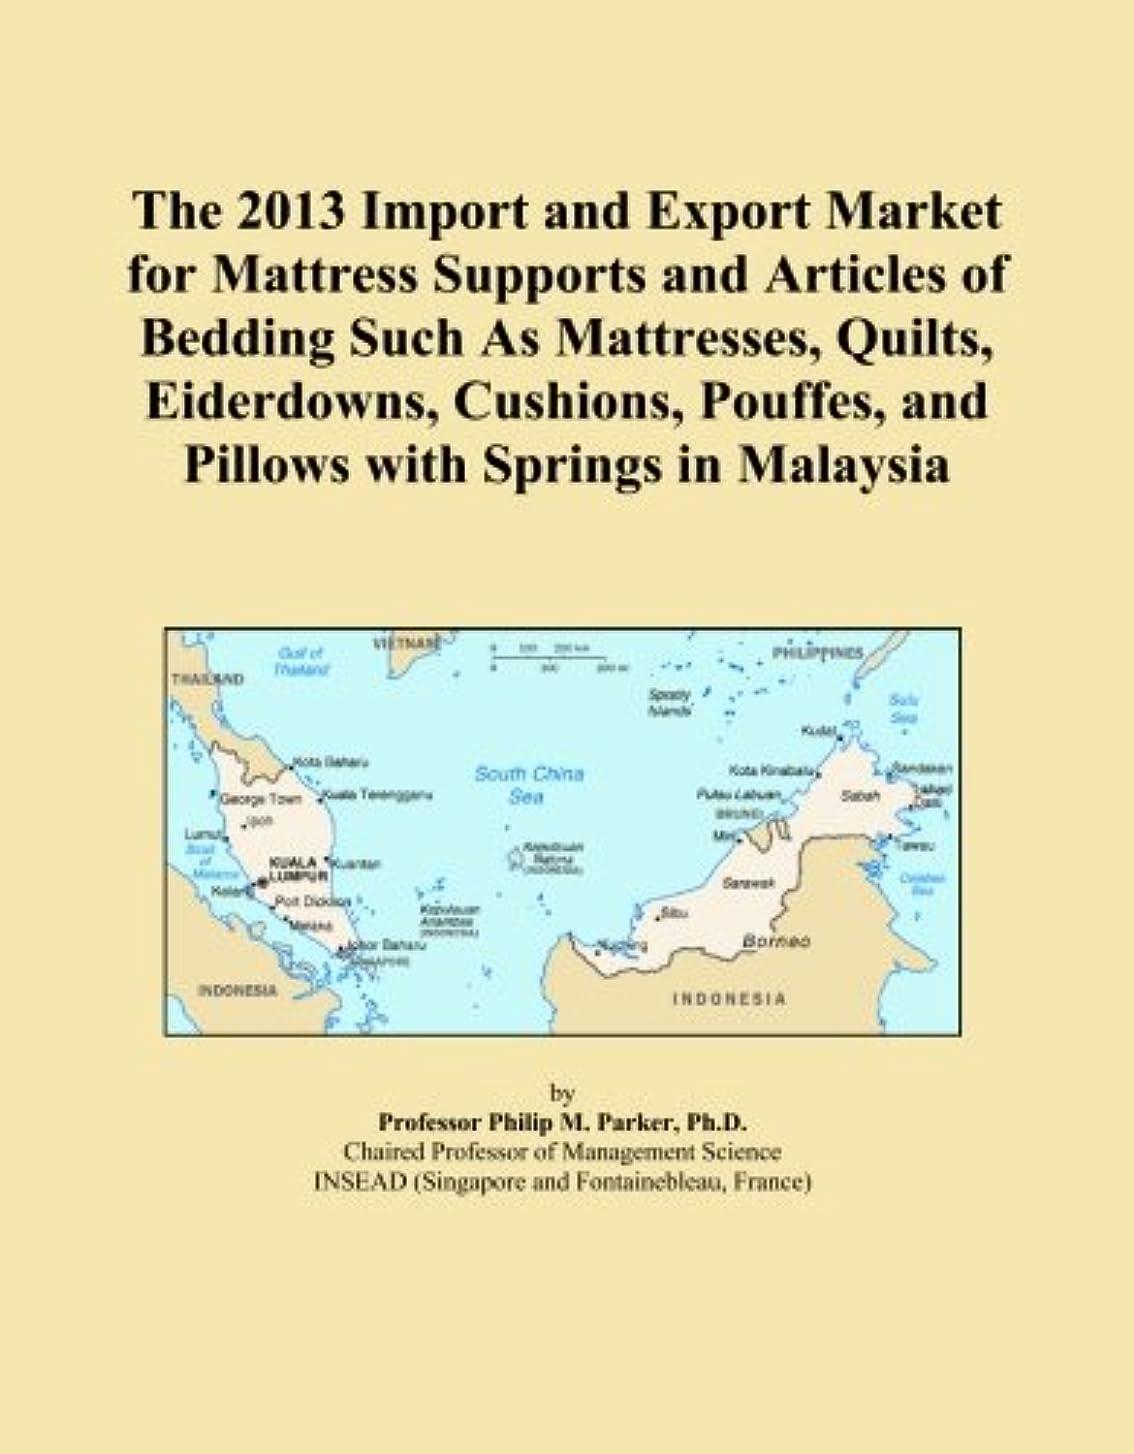 違反するこねるアノイThe 2013 Import and Export Market for Mattress Supports and Articles of Bedding Such As Mattresses, Quilts, Eiderdowns, Cushions, Pouffes, and Pillows with Springs in Malaysia